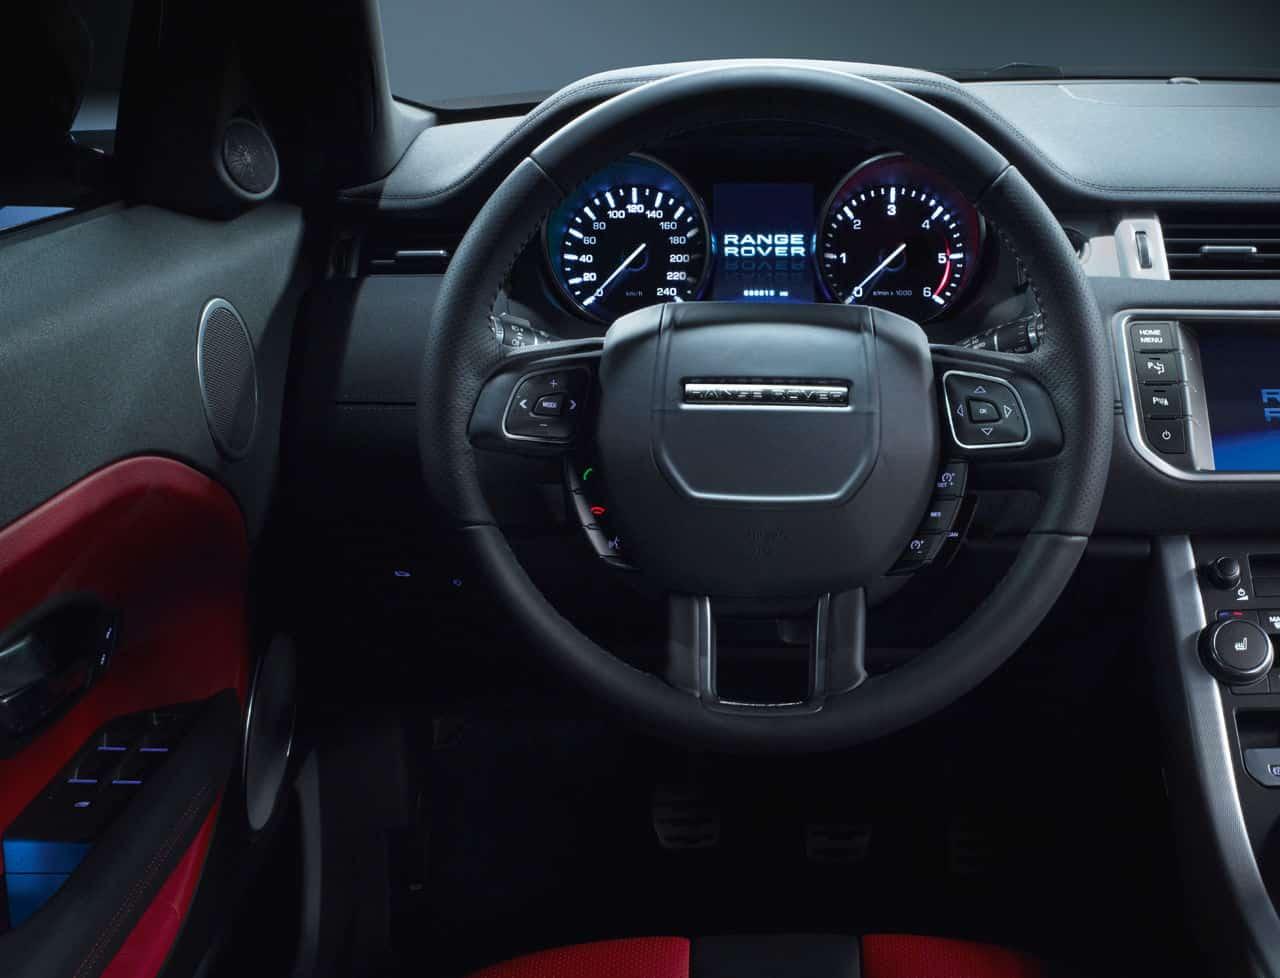 Range-Rover-Evoque-5-door-Interior